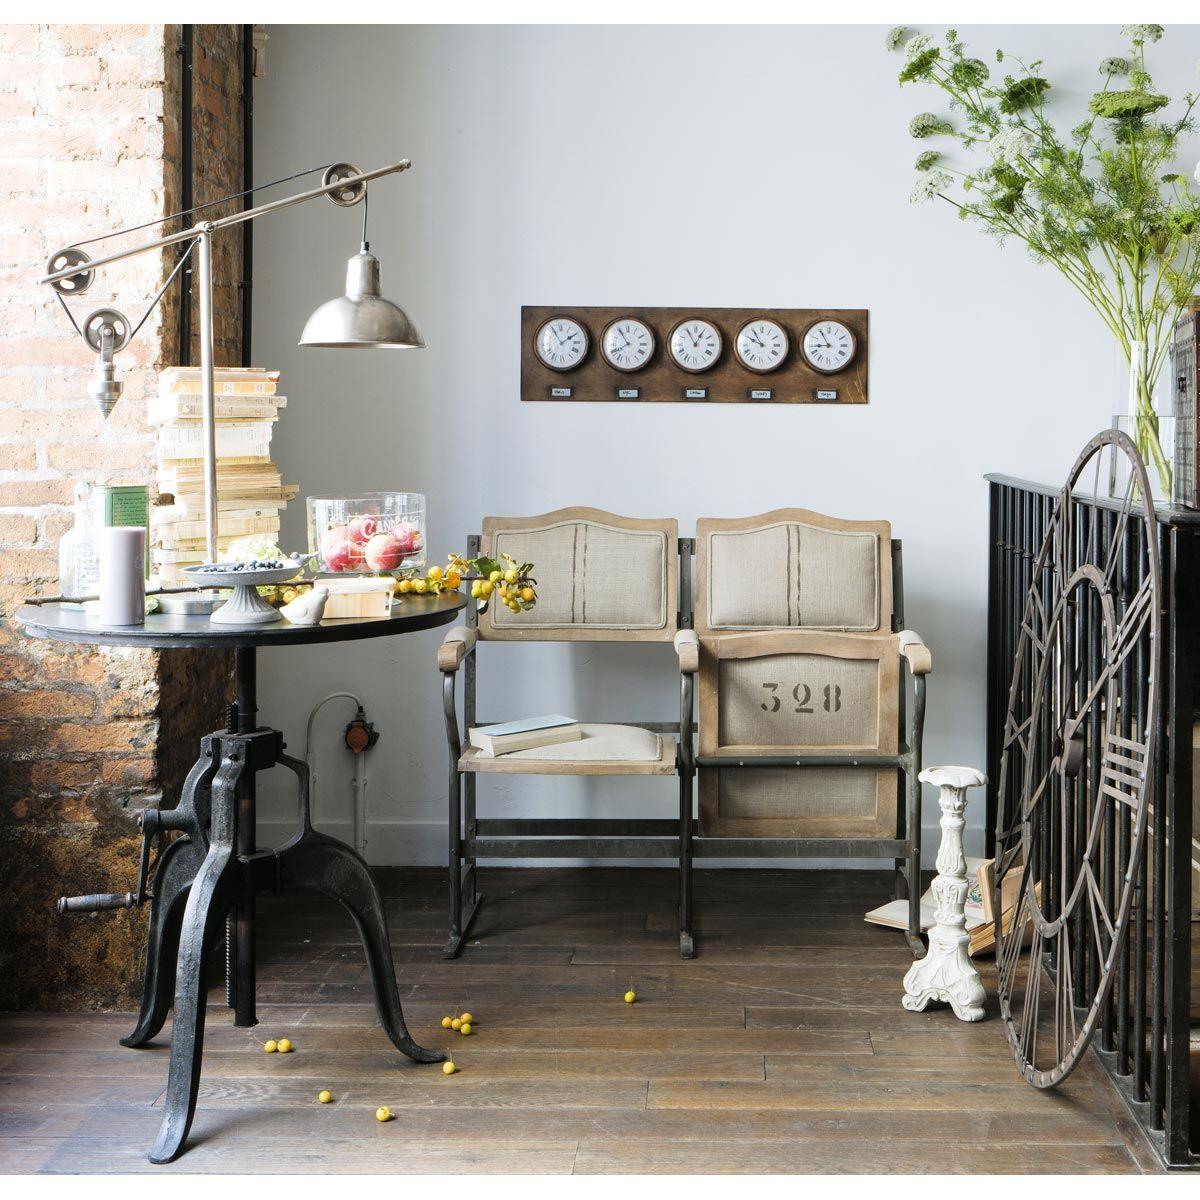 runder esstisch bistro aus metall d 75 cm schwarz home style m bel k chen ideen und. Black Bedroom Furniture Sets. Home Design Ideas